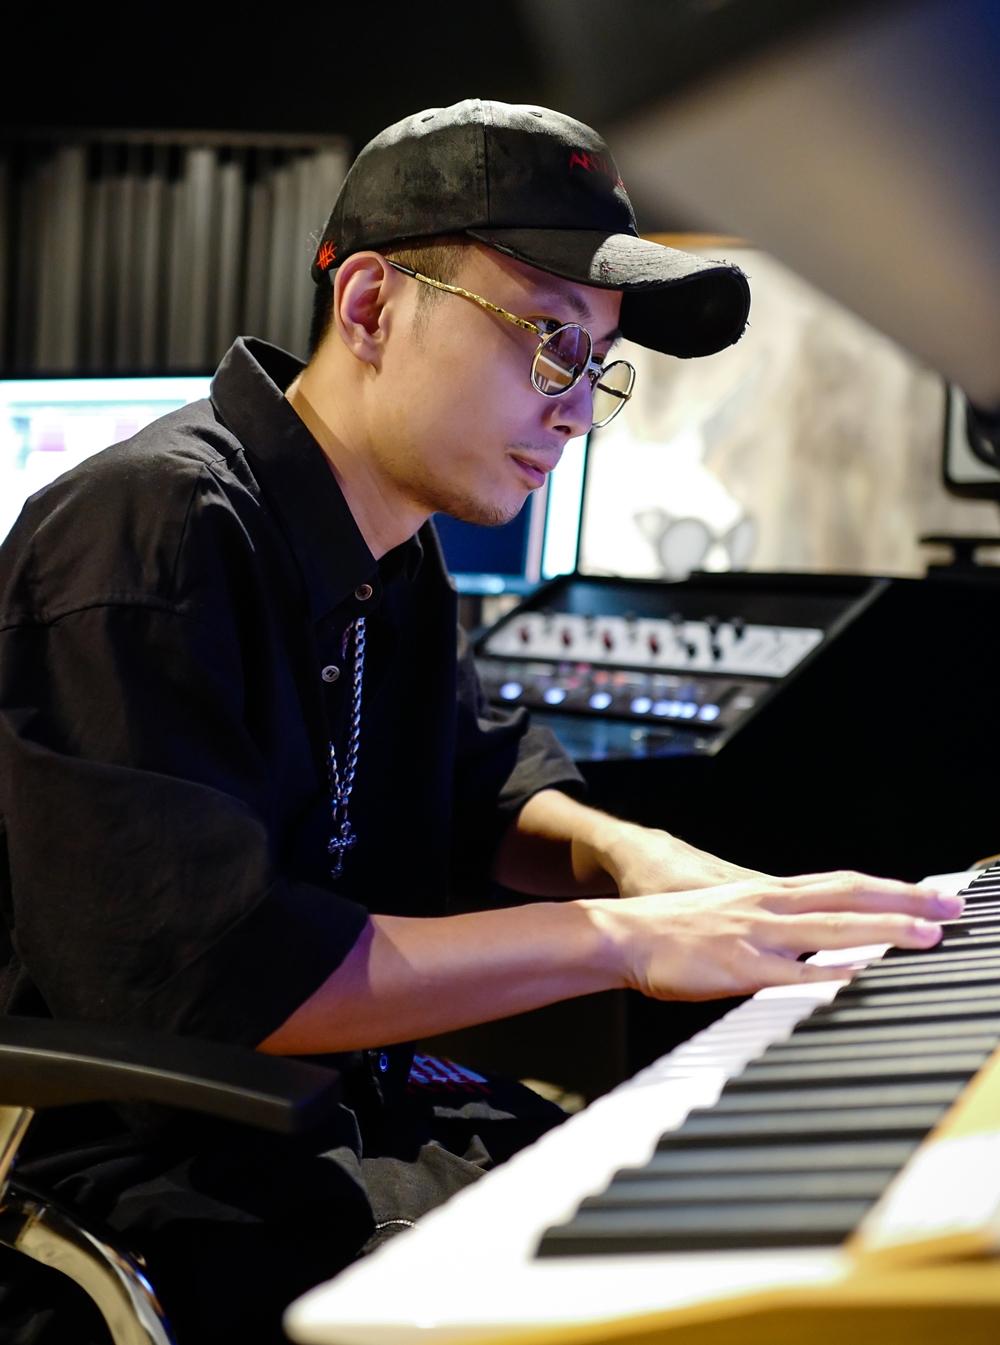 Rhymastic không chỉ là giám khảo mà còn là producer góp phần làm ra các bản phối cho thí sinh. Điều anh quan tâm là phải lắng nghe thí sinh cần gì và góp ý cho họ để mang đến phần dự thi hiệu quả nhất.